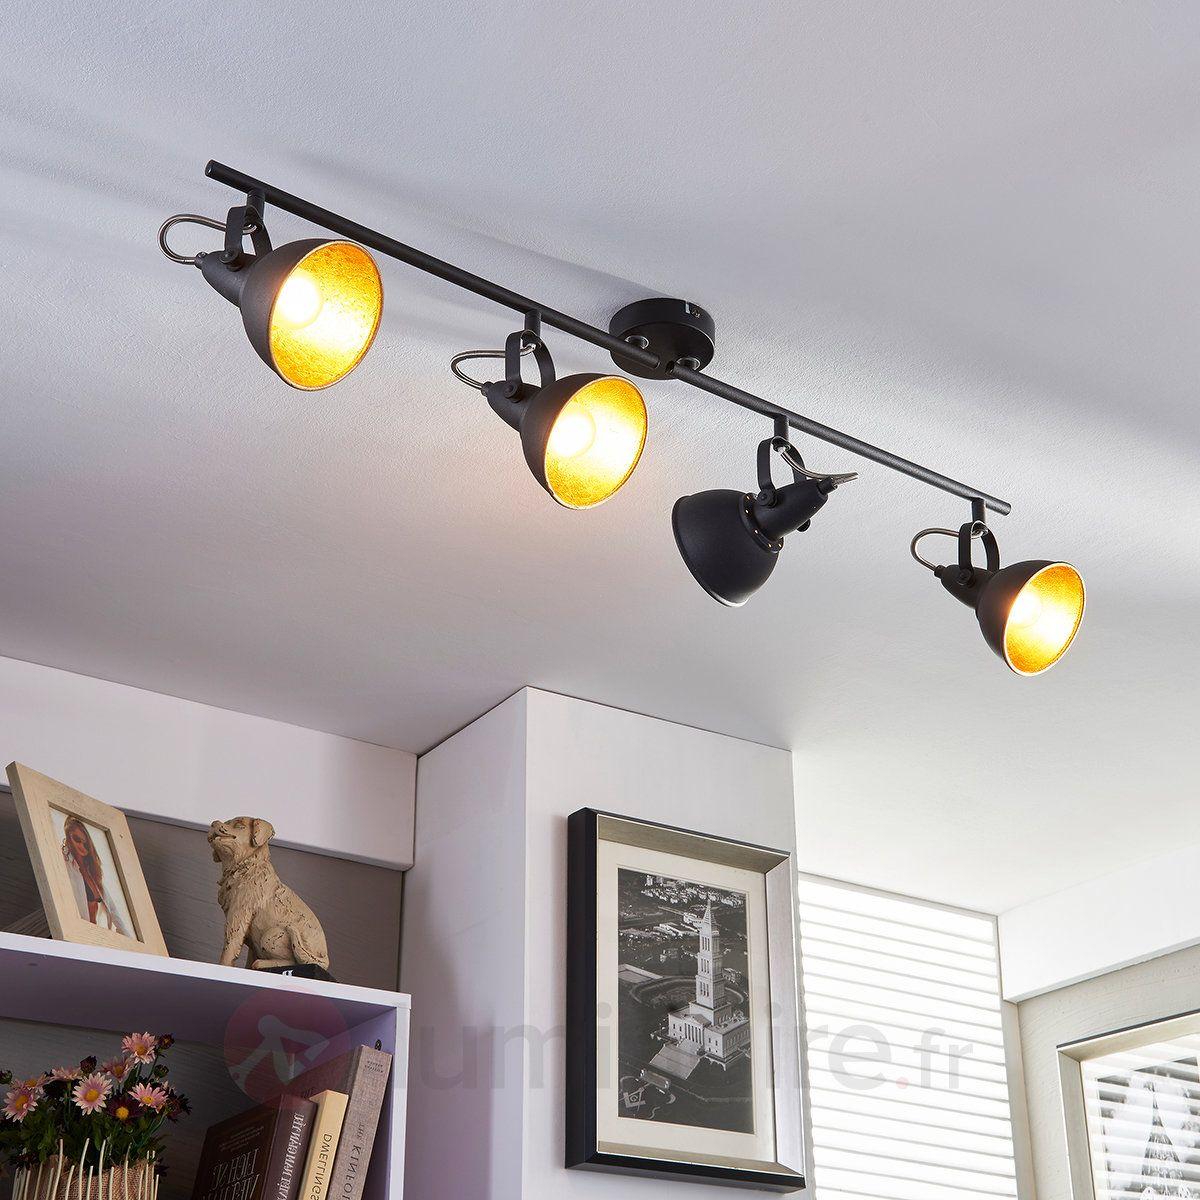 Projecteur de cuisine noir doré Julin  4 lampes